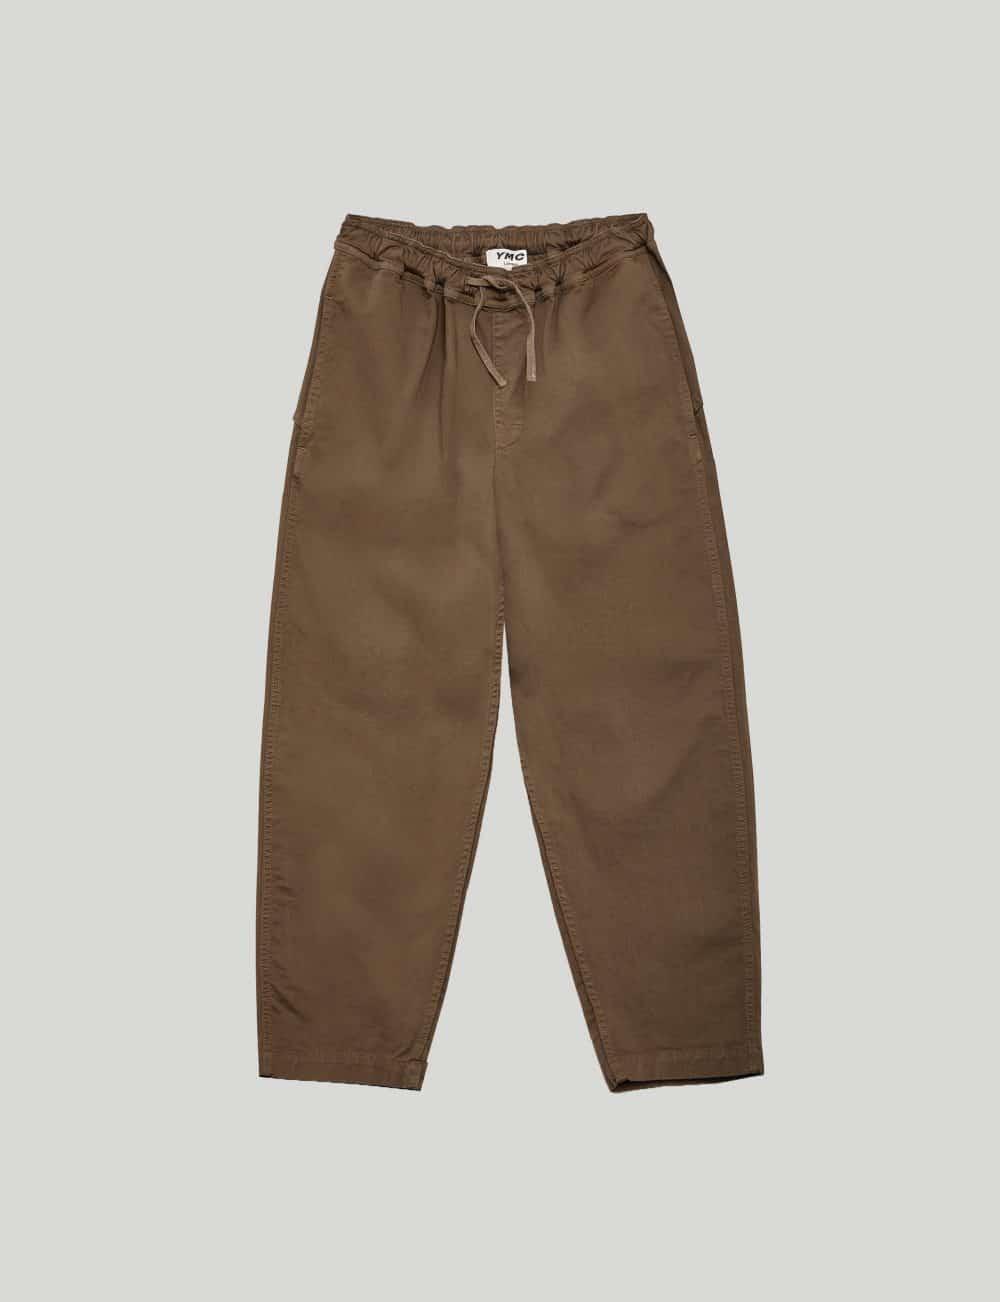 YMC - Castart - Cotton Twill Skate Trouser - Olive